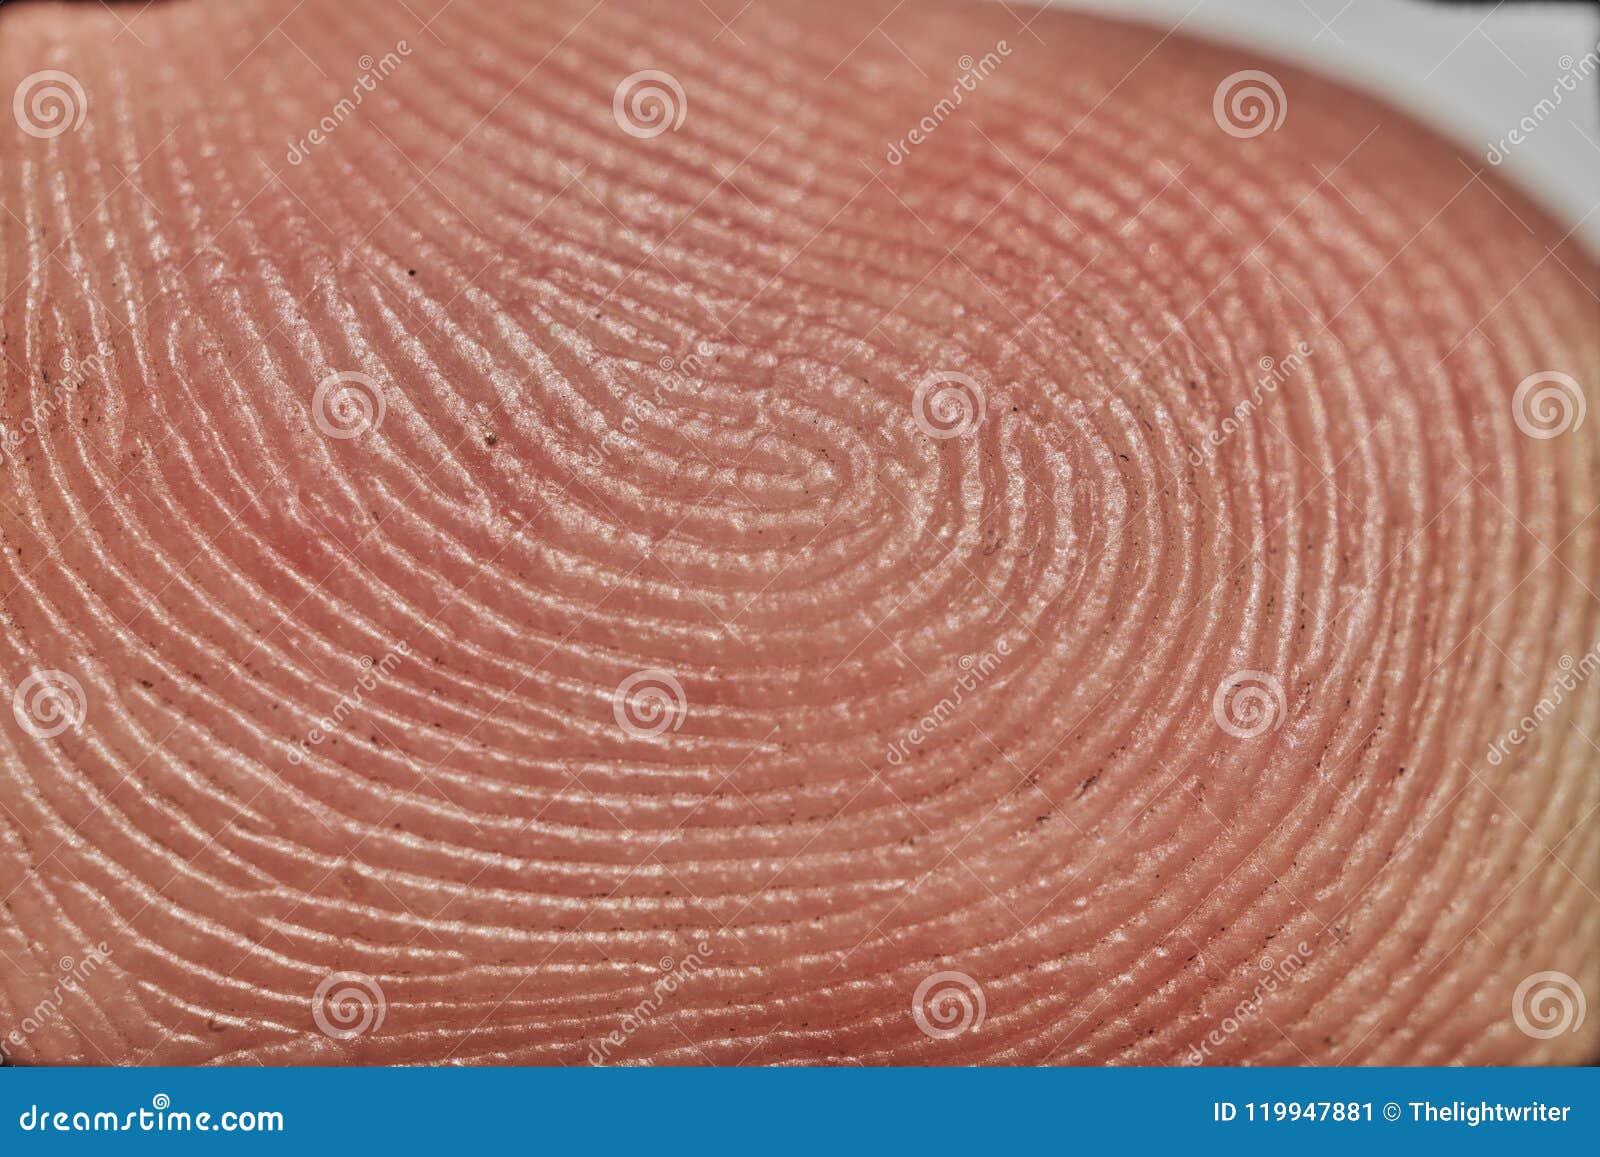 Ciérrese encima de imagen macra de un finger humano